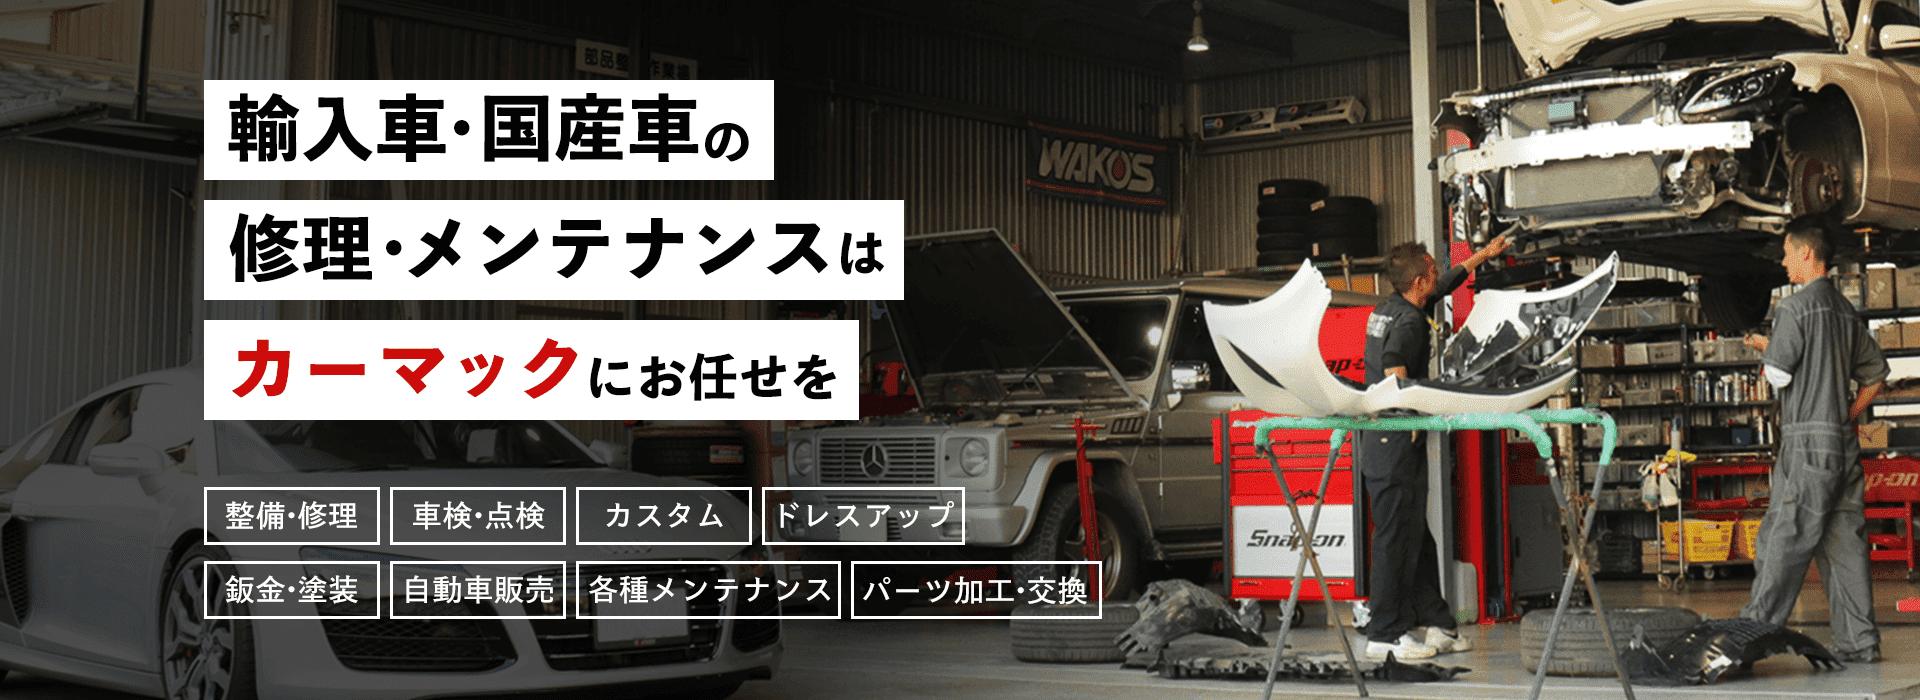 輸入車・国産車の修理・メンテナンスはカーマックにお任せを